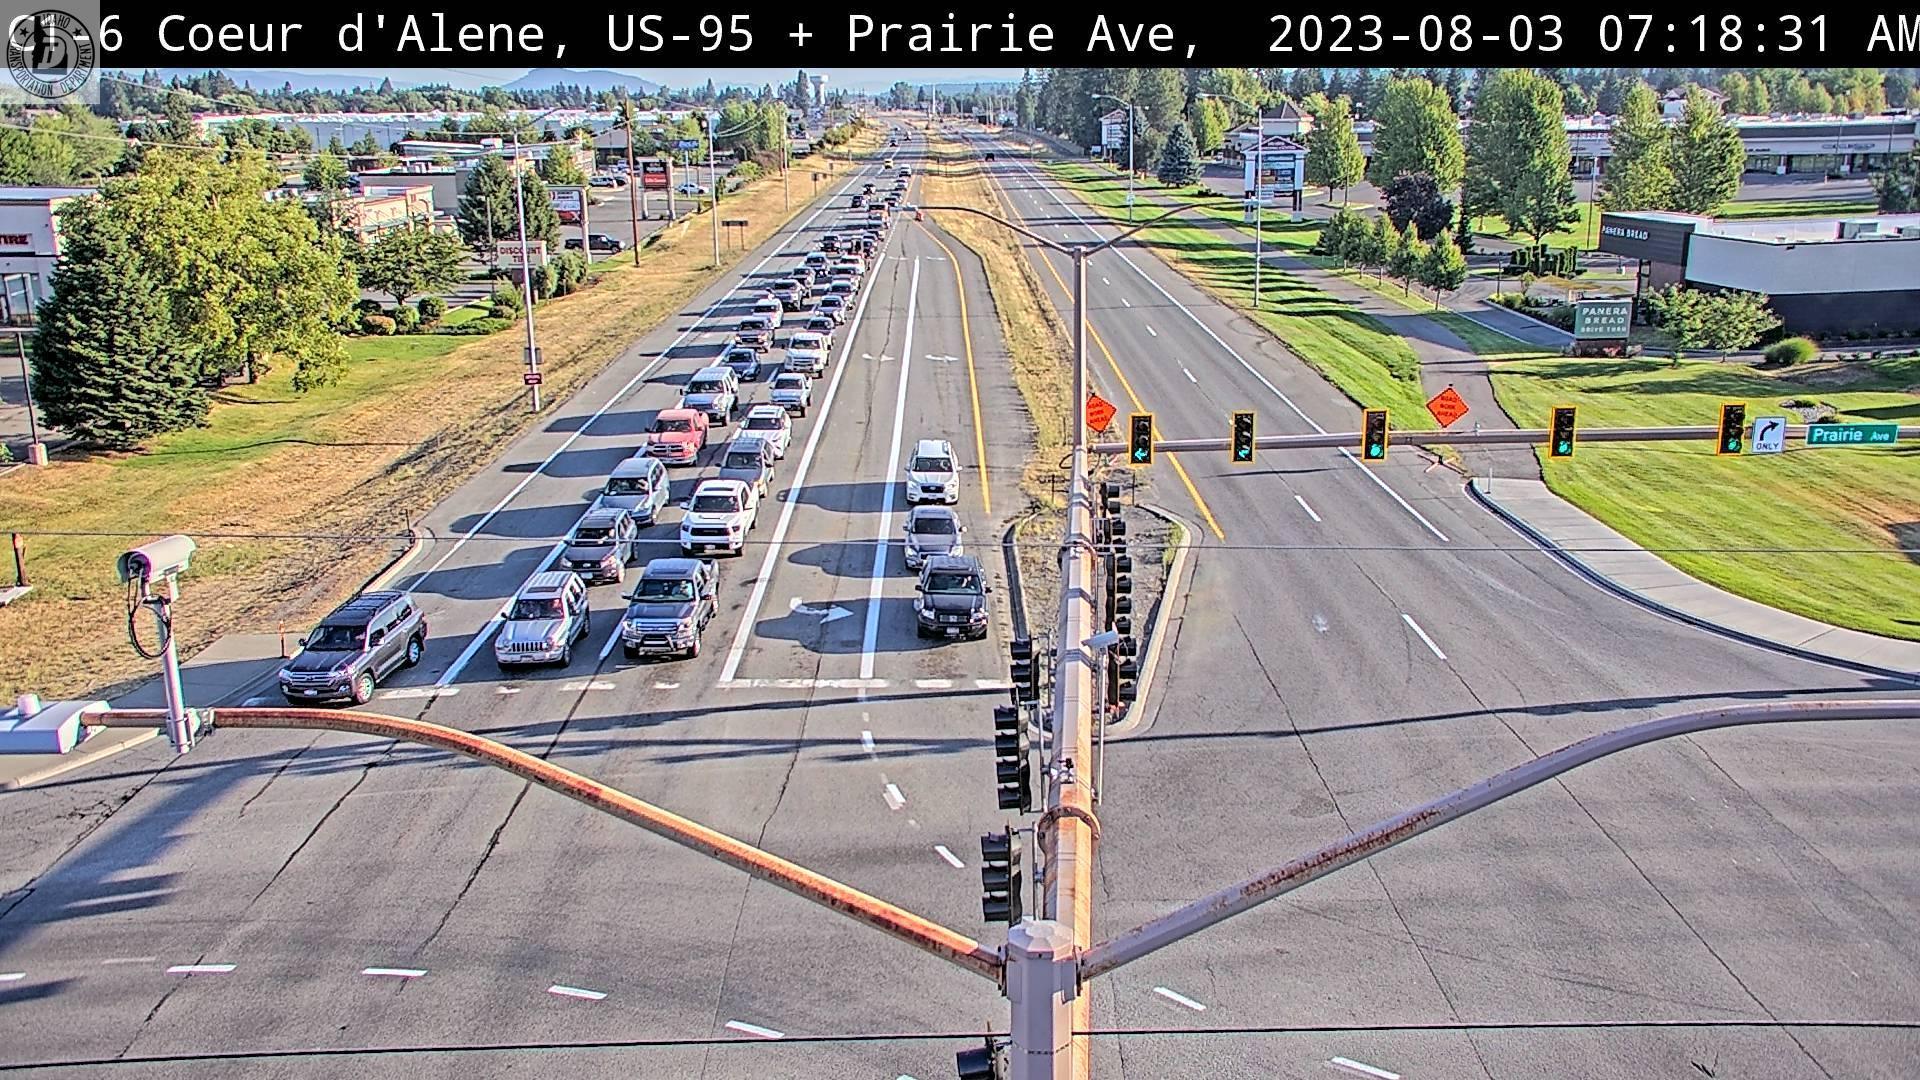 Prairie Ave